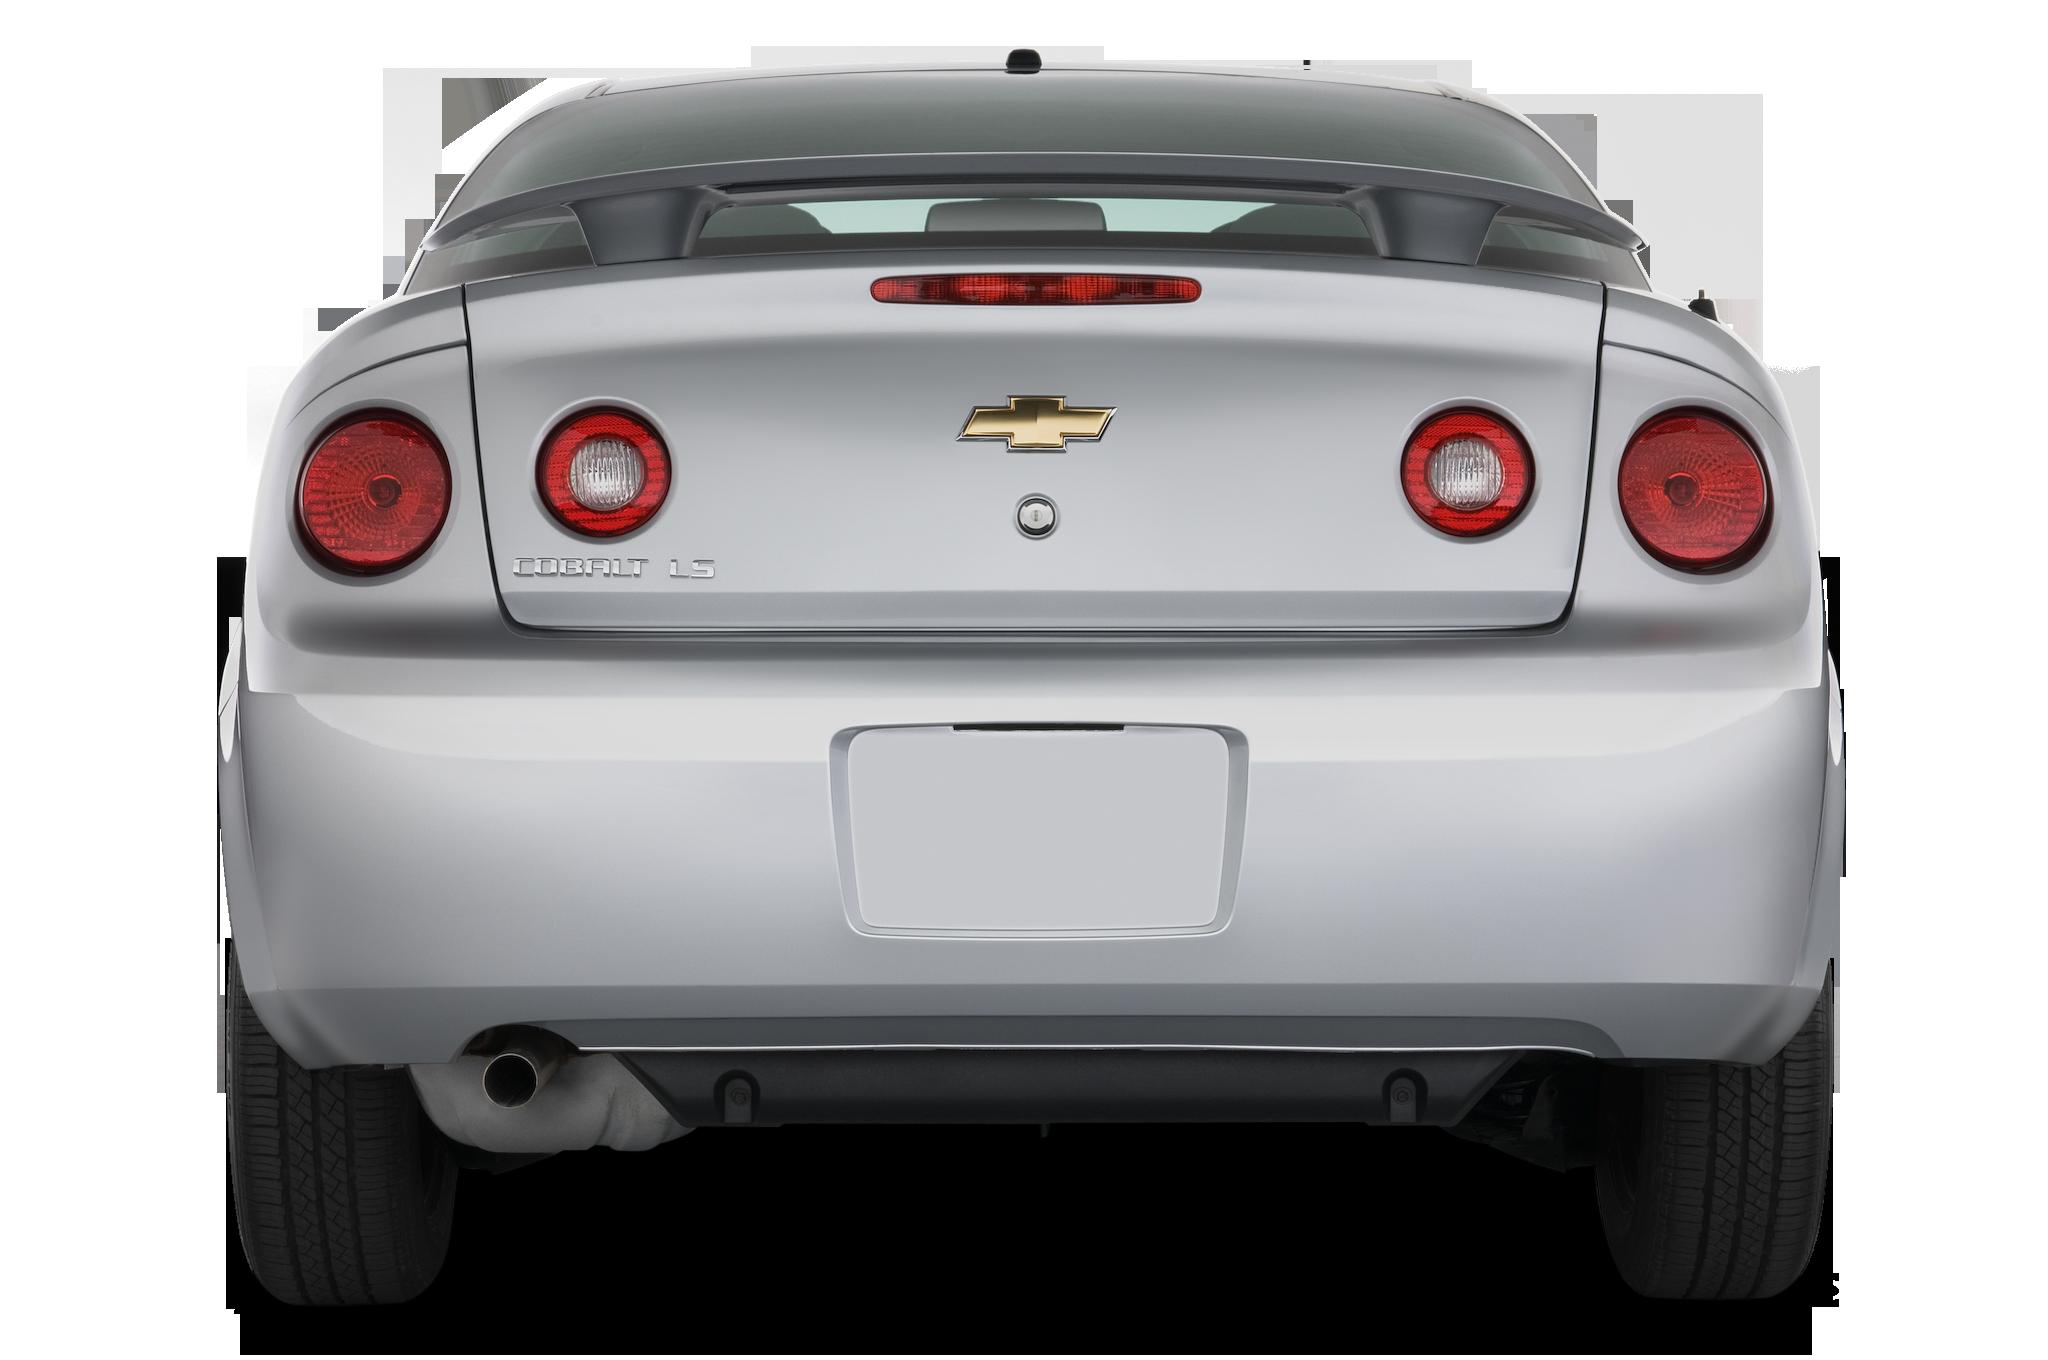 Chevrolet Cobalt I 2004 - 2010 Coupe #3